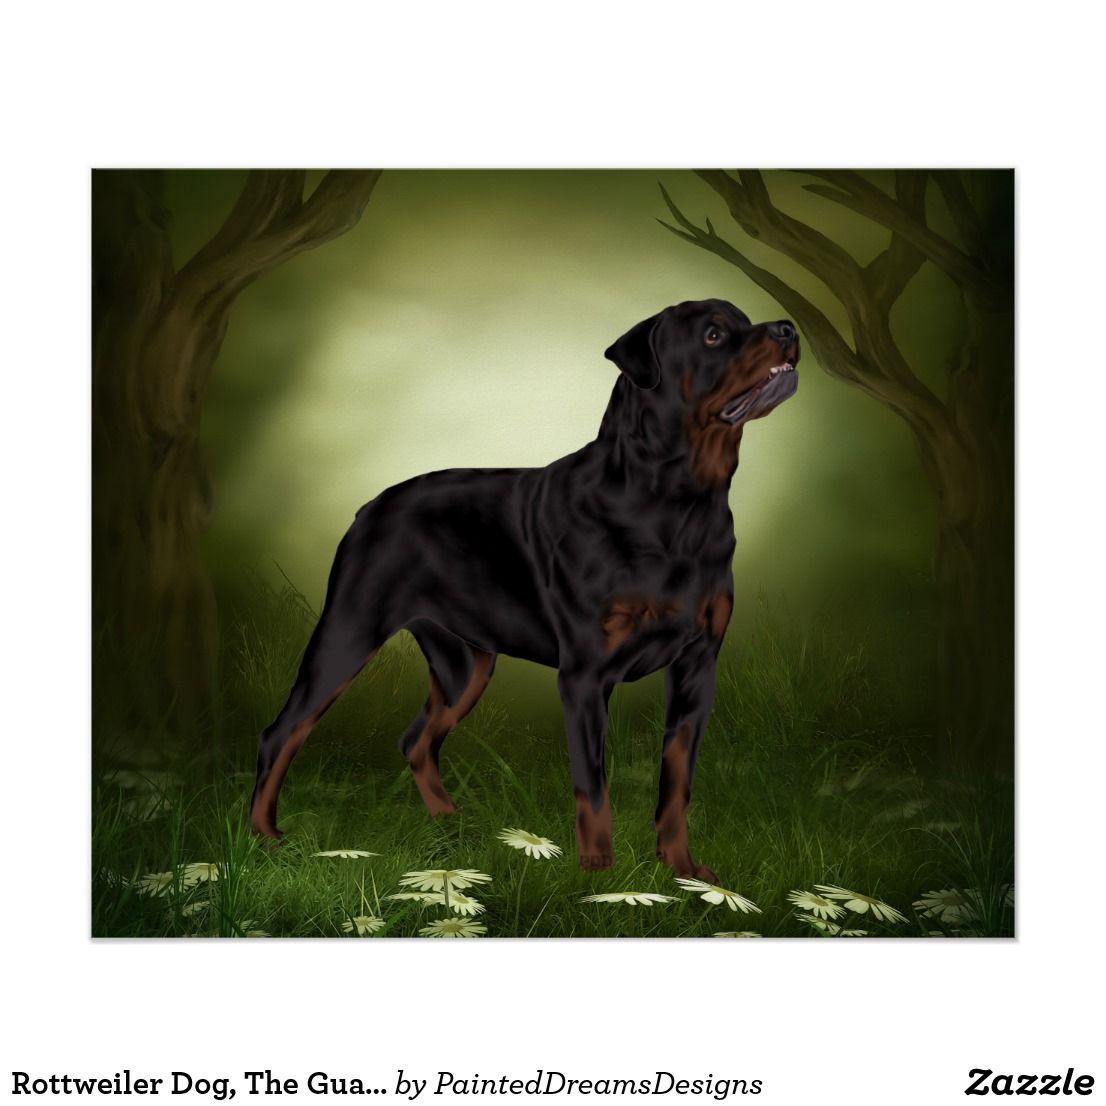 Rottweiler Dog The Guardian Poster Pinterest Rottweiler Dog